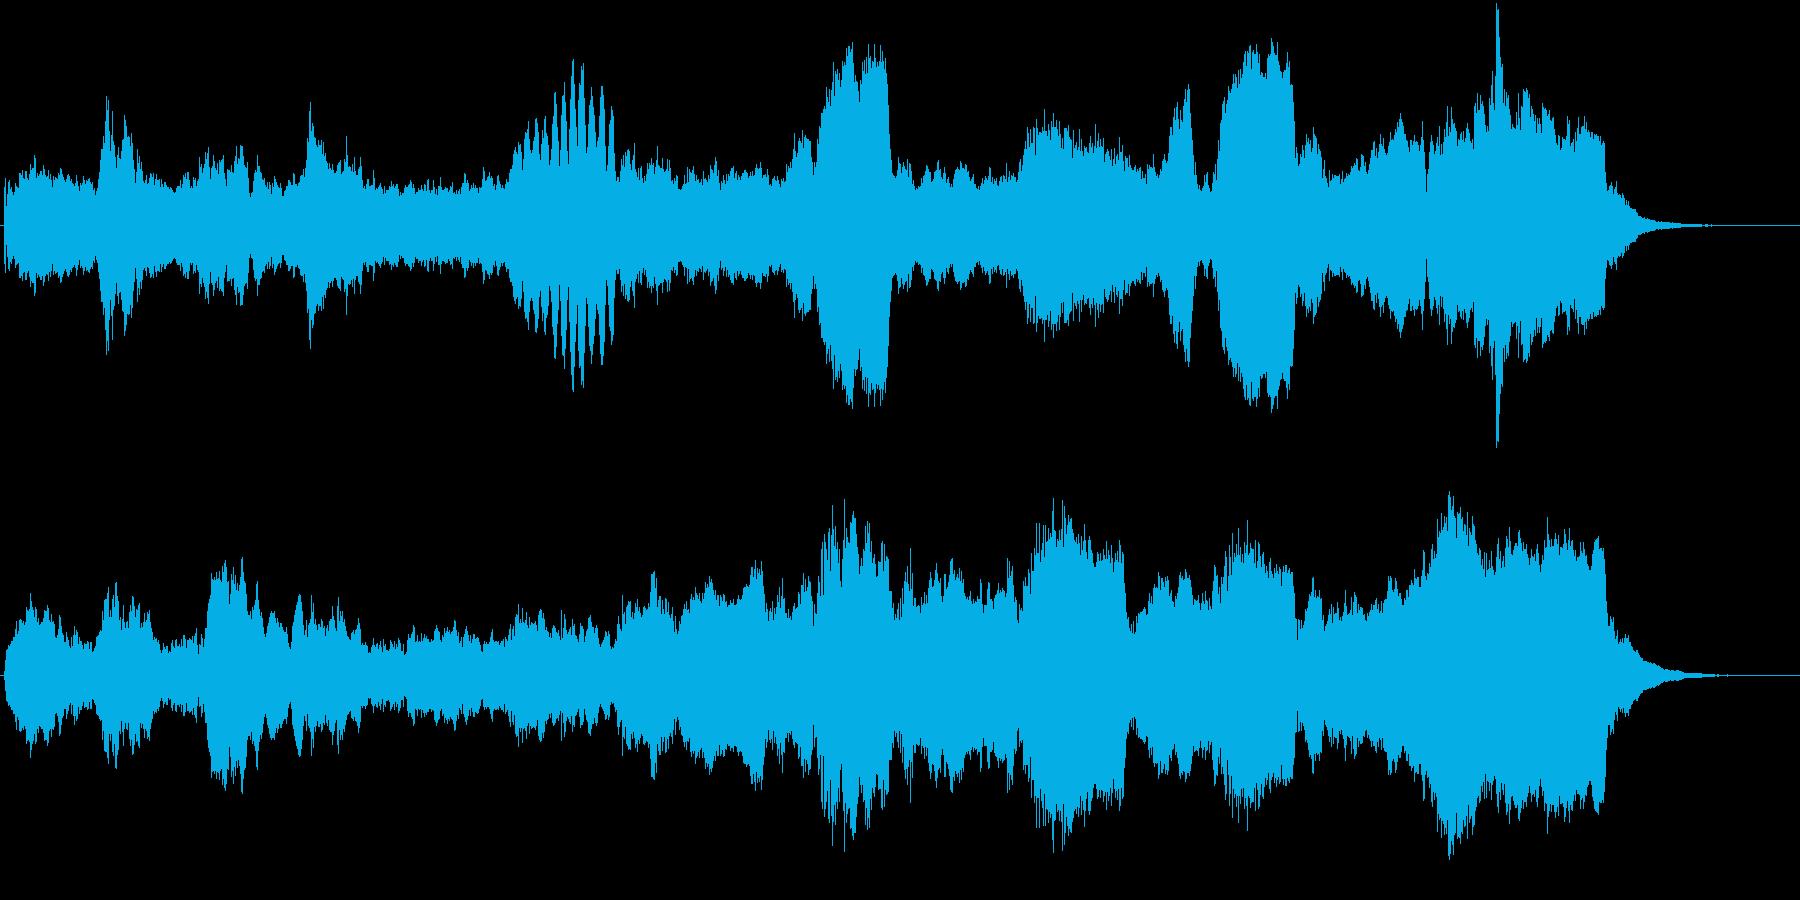 しんみりとした雰囲気のオーケストラ曲の再生済みの波形